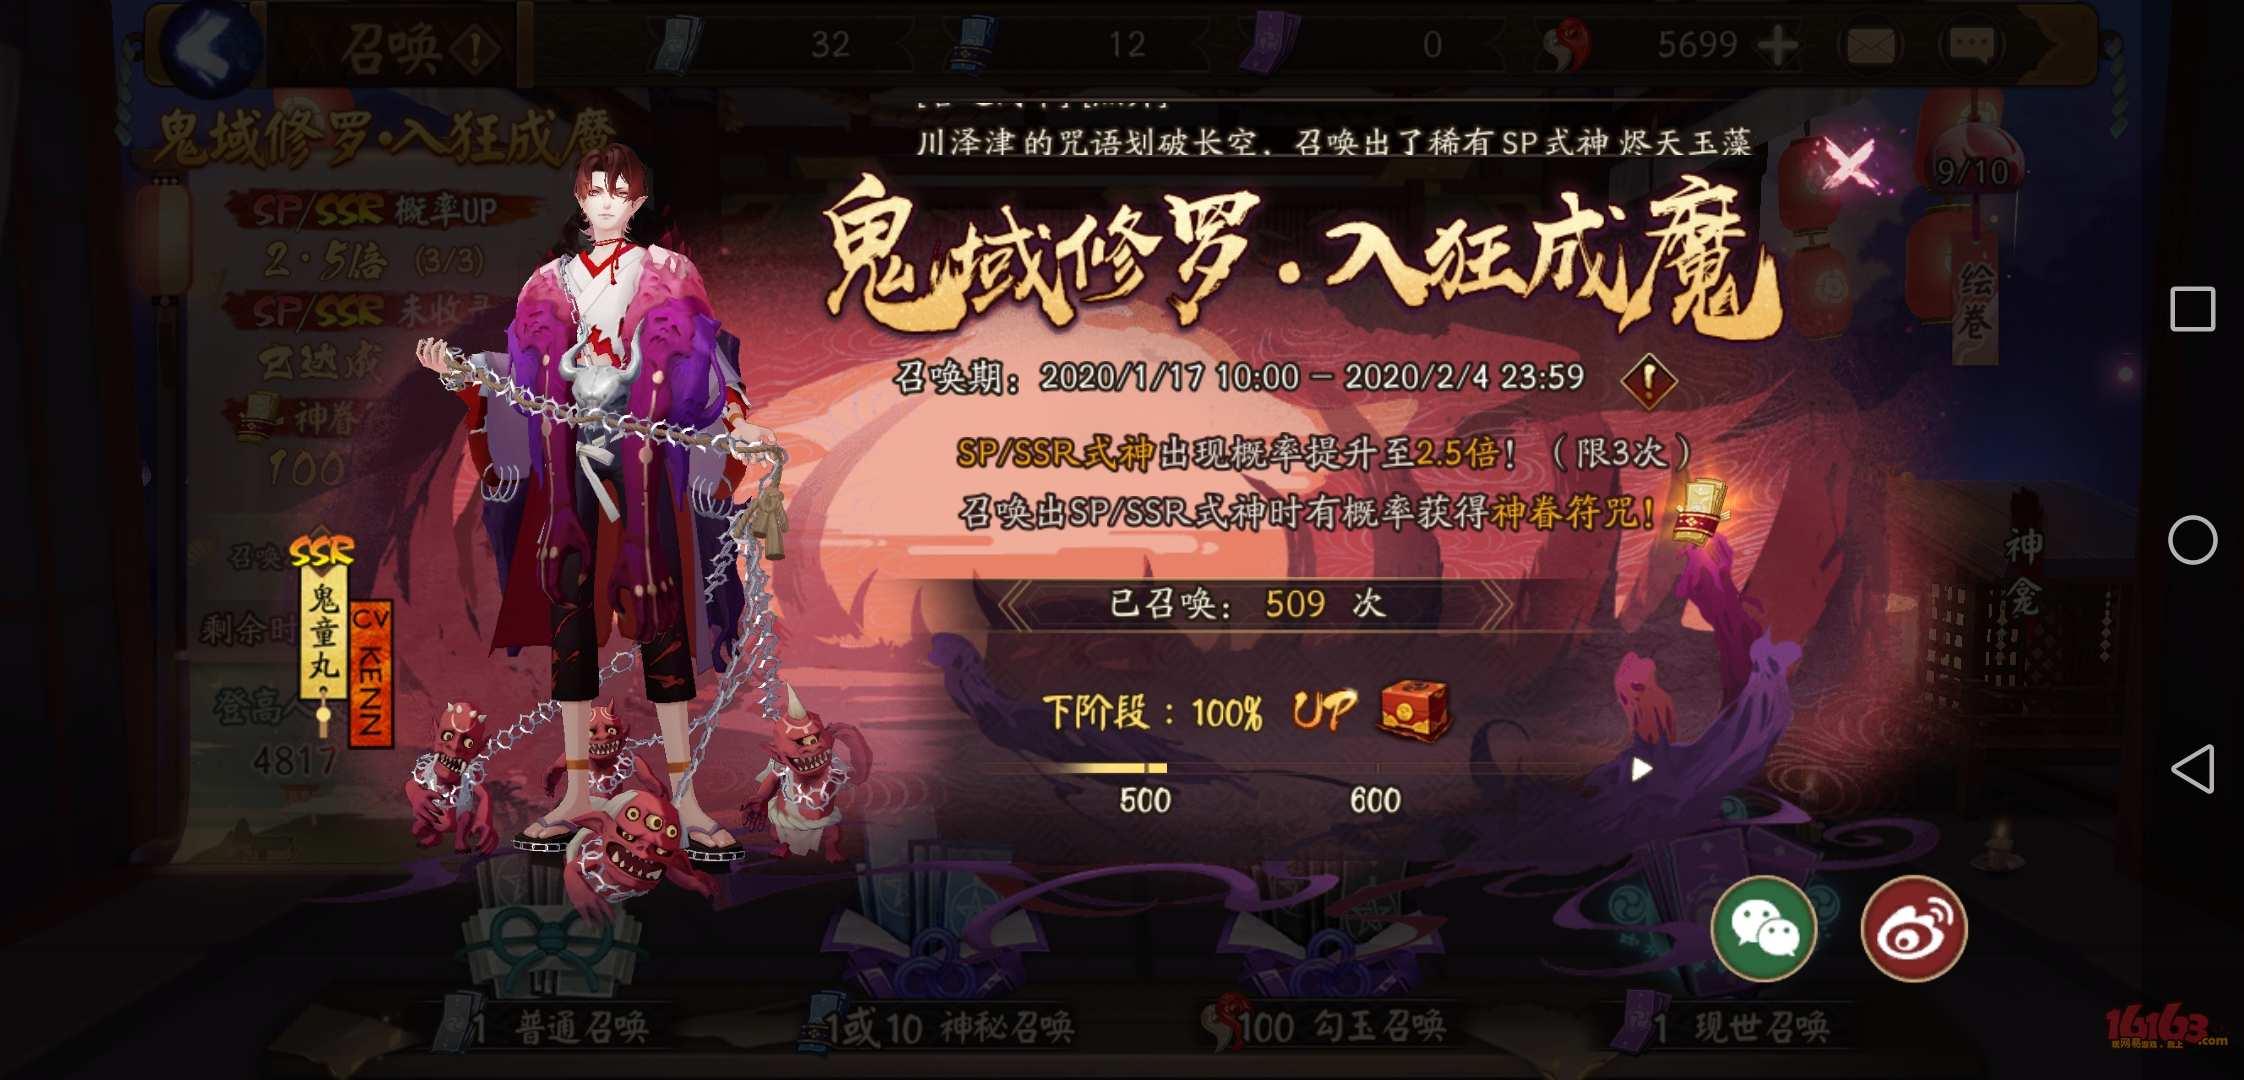 Screenshot_20200117_104807_com.netease.onmyoji.jpg